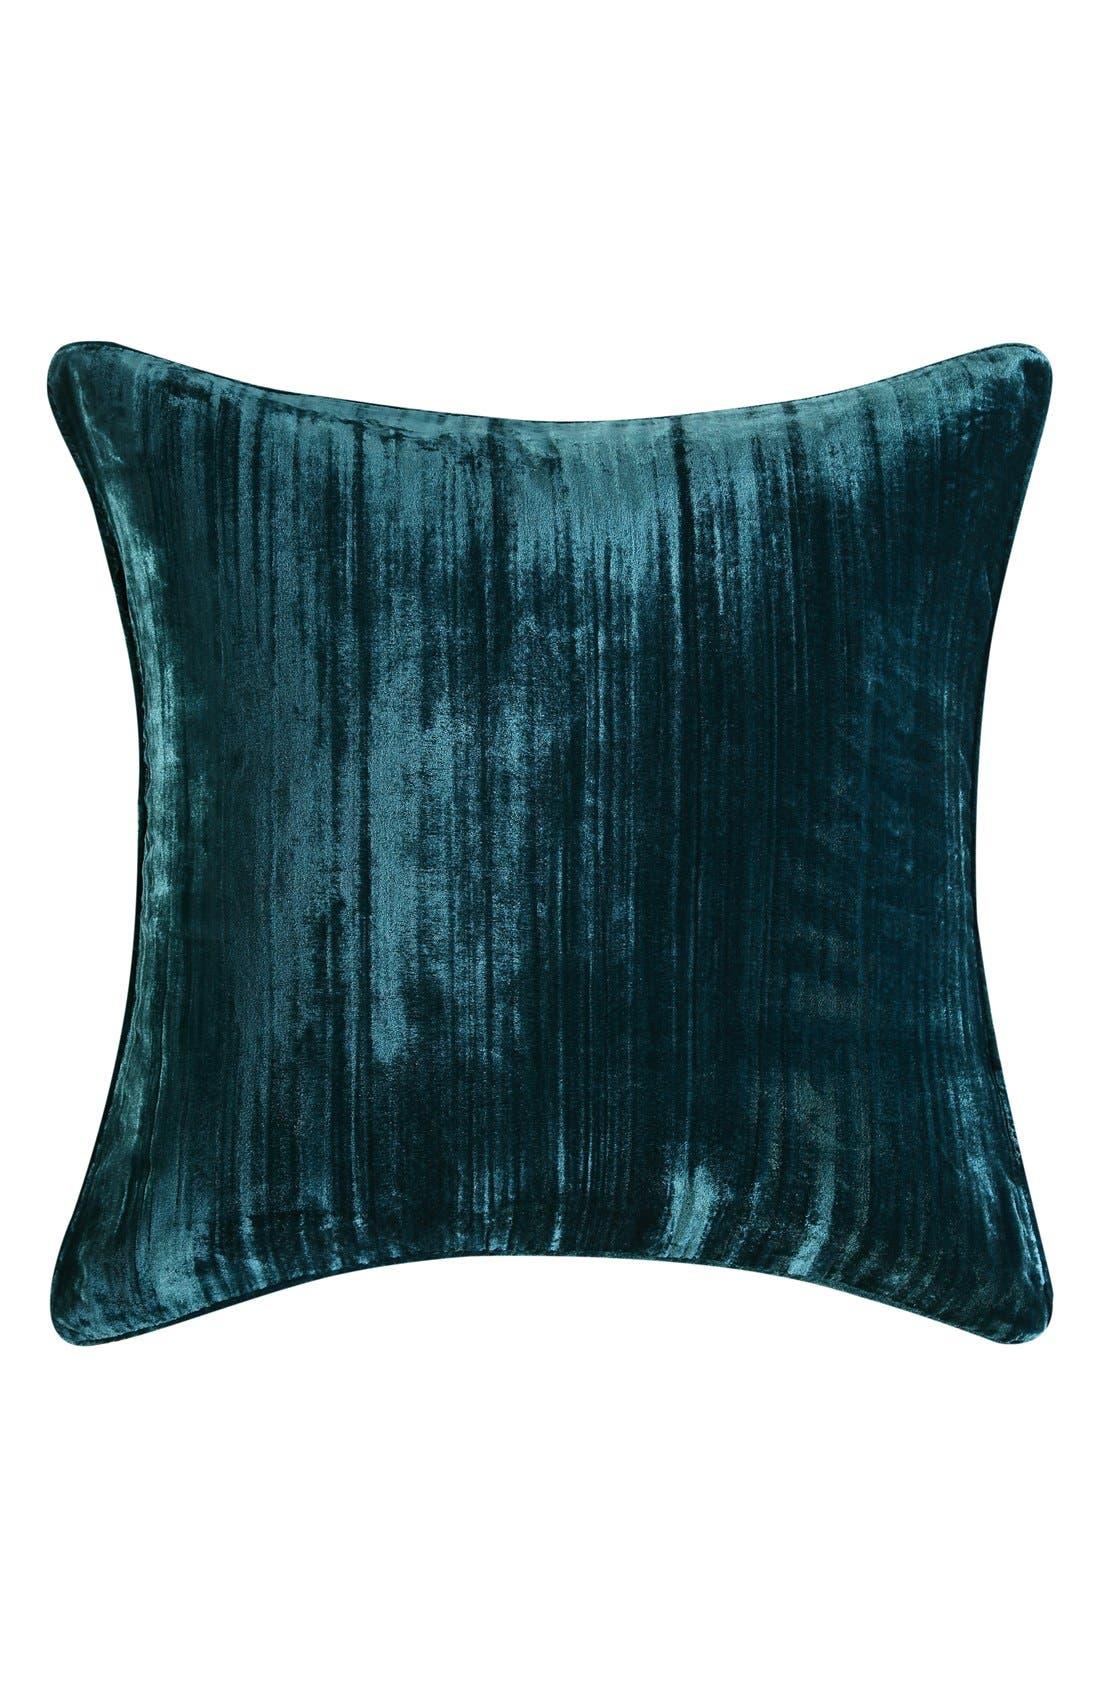 Alternate Image 1 Selected - Tracy Porter® For Poetic Wanderlust® 'Sisley' Velvet Pillow